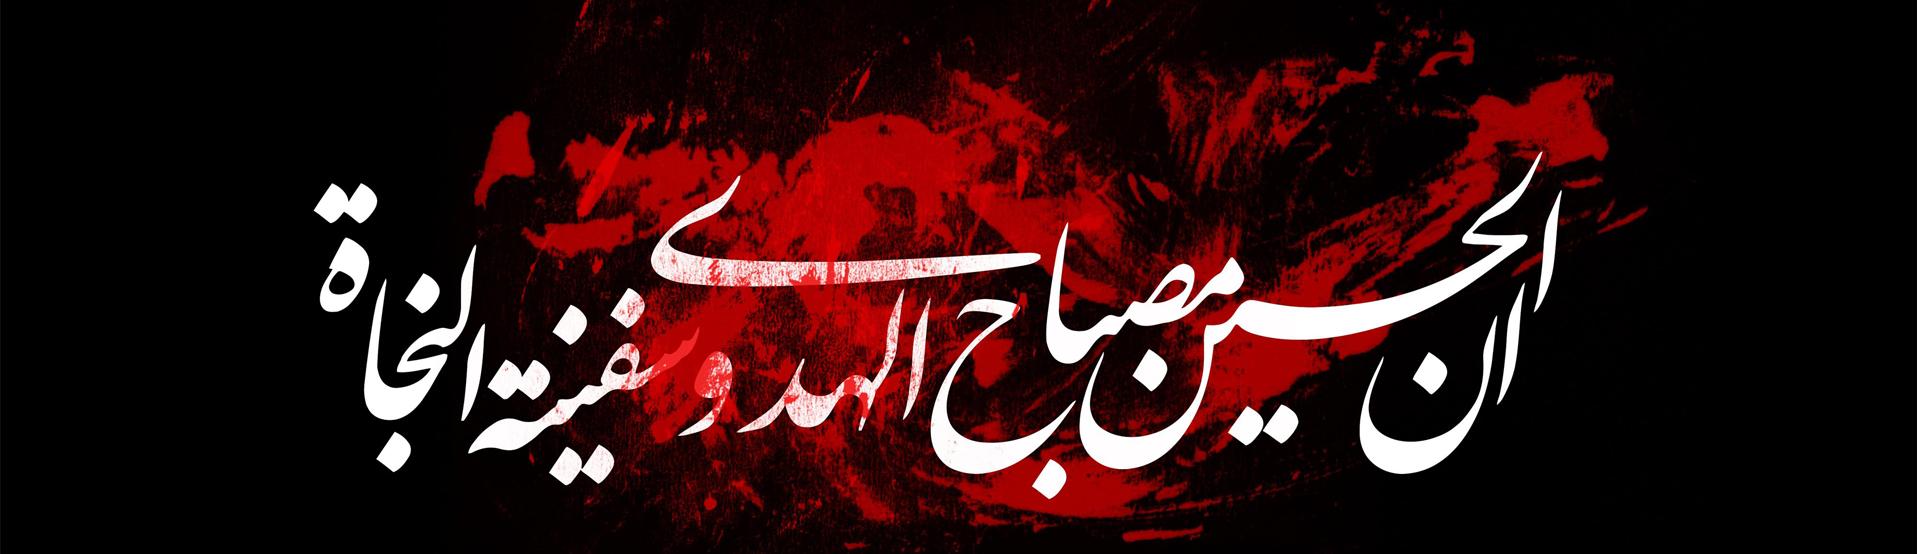 فرا رسیدن ایام سوگواری سرور و سالار شهیدان تسلیت باد